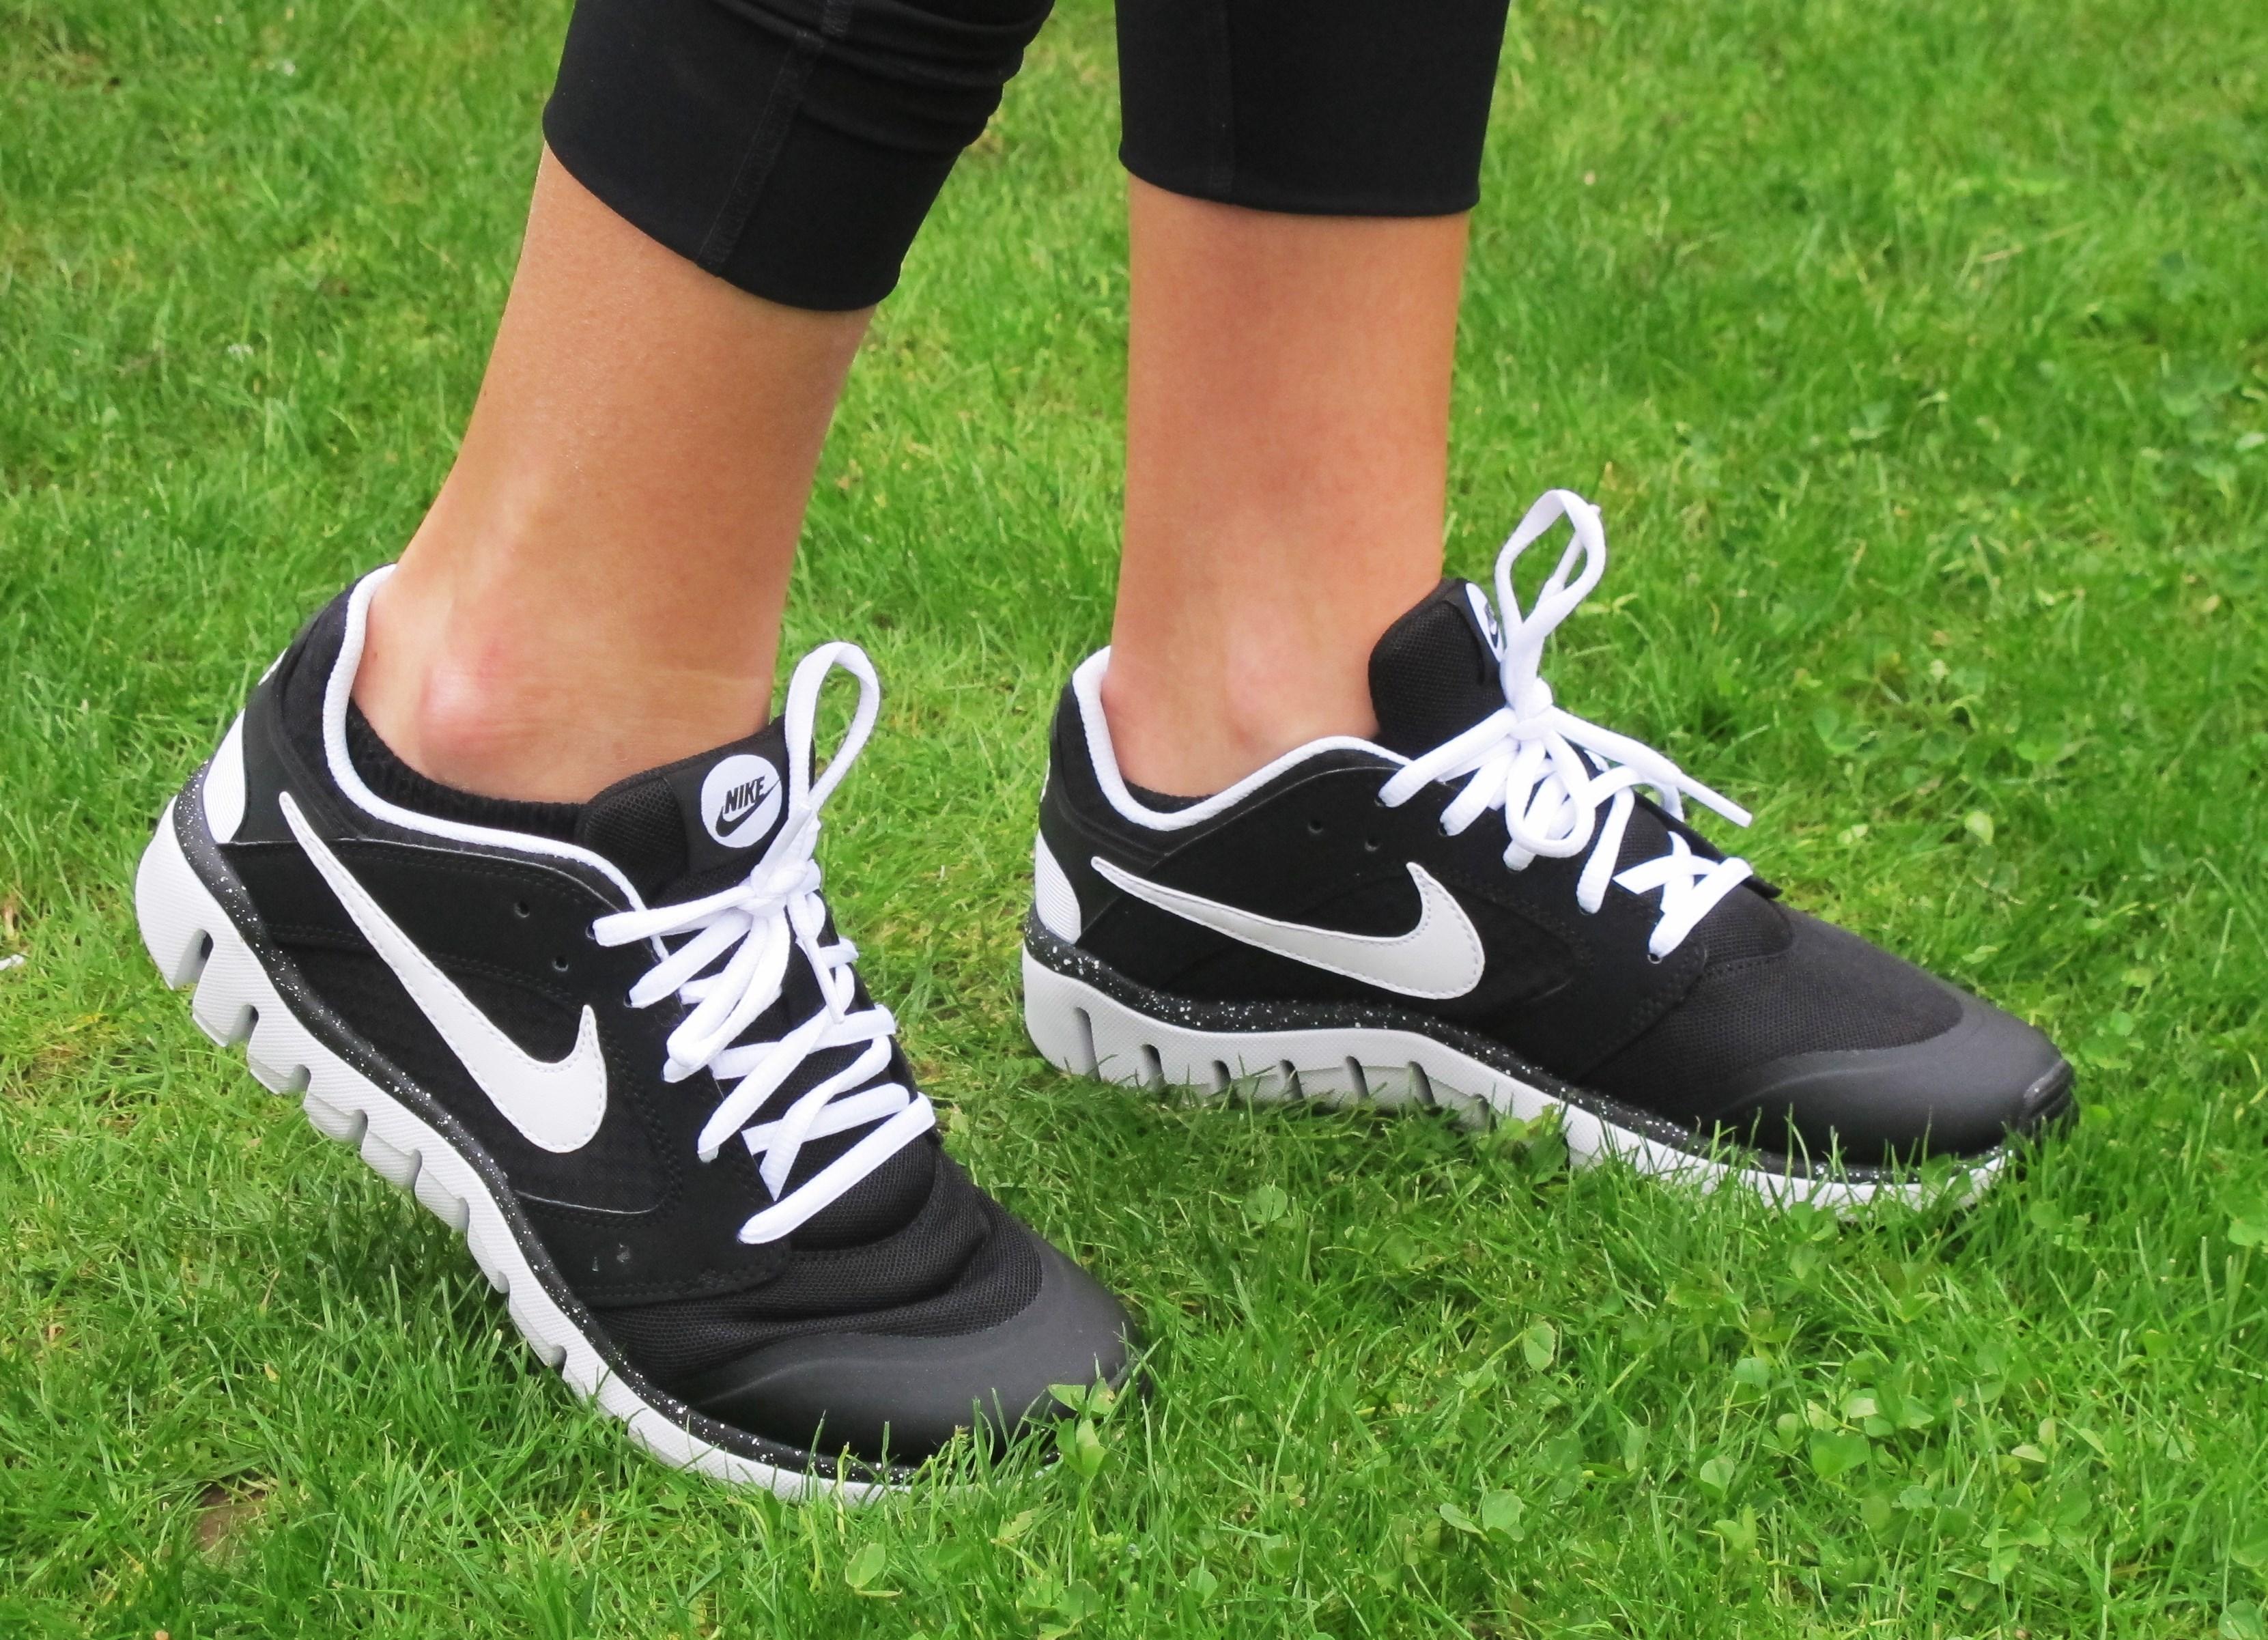 Sneaker im Abgecheckt-Test: Deichmann vs. Zalando | Abgecheckt-Blog